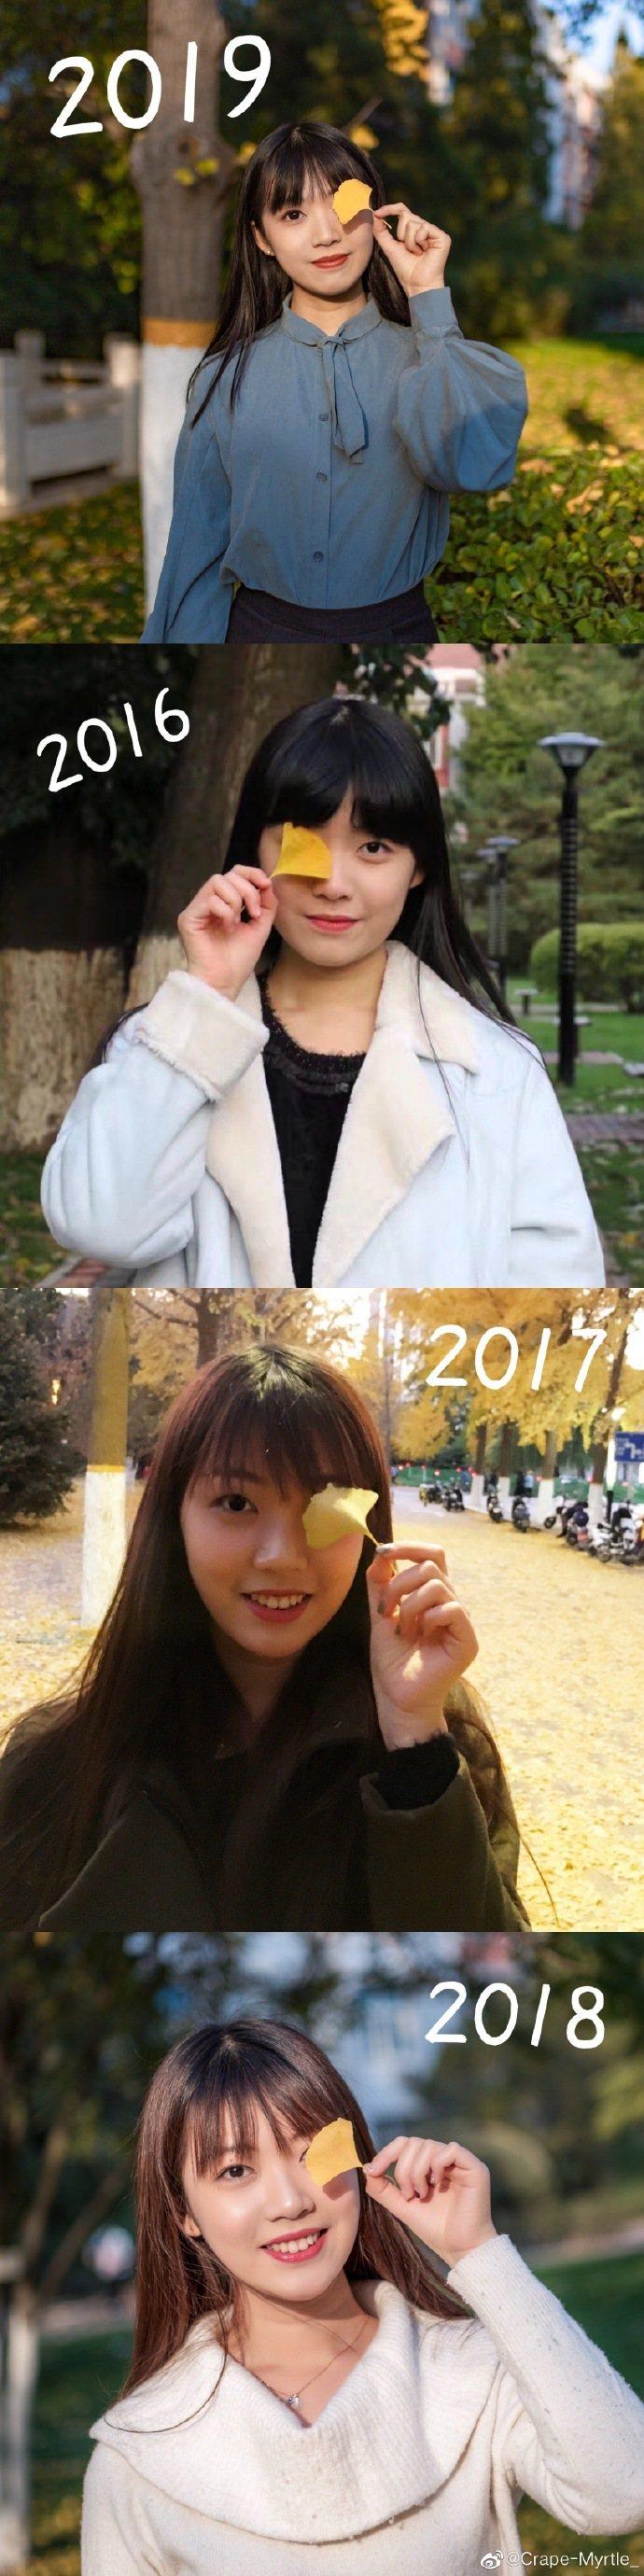 大陸一名女網友在微博上貼出自己大學4年不同時期的照片,讓人看到女大18變。 圖/...